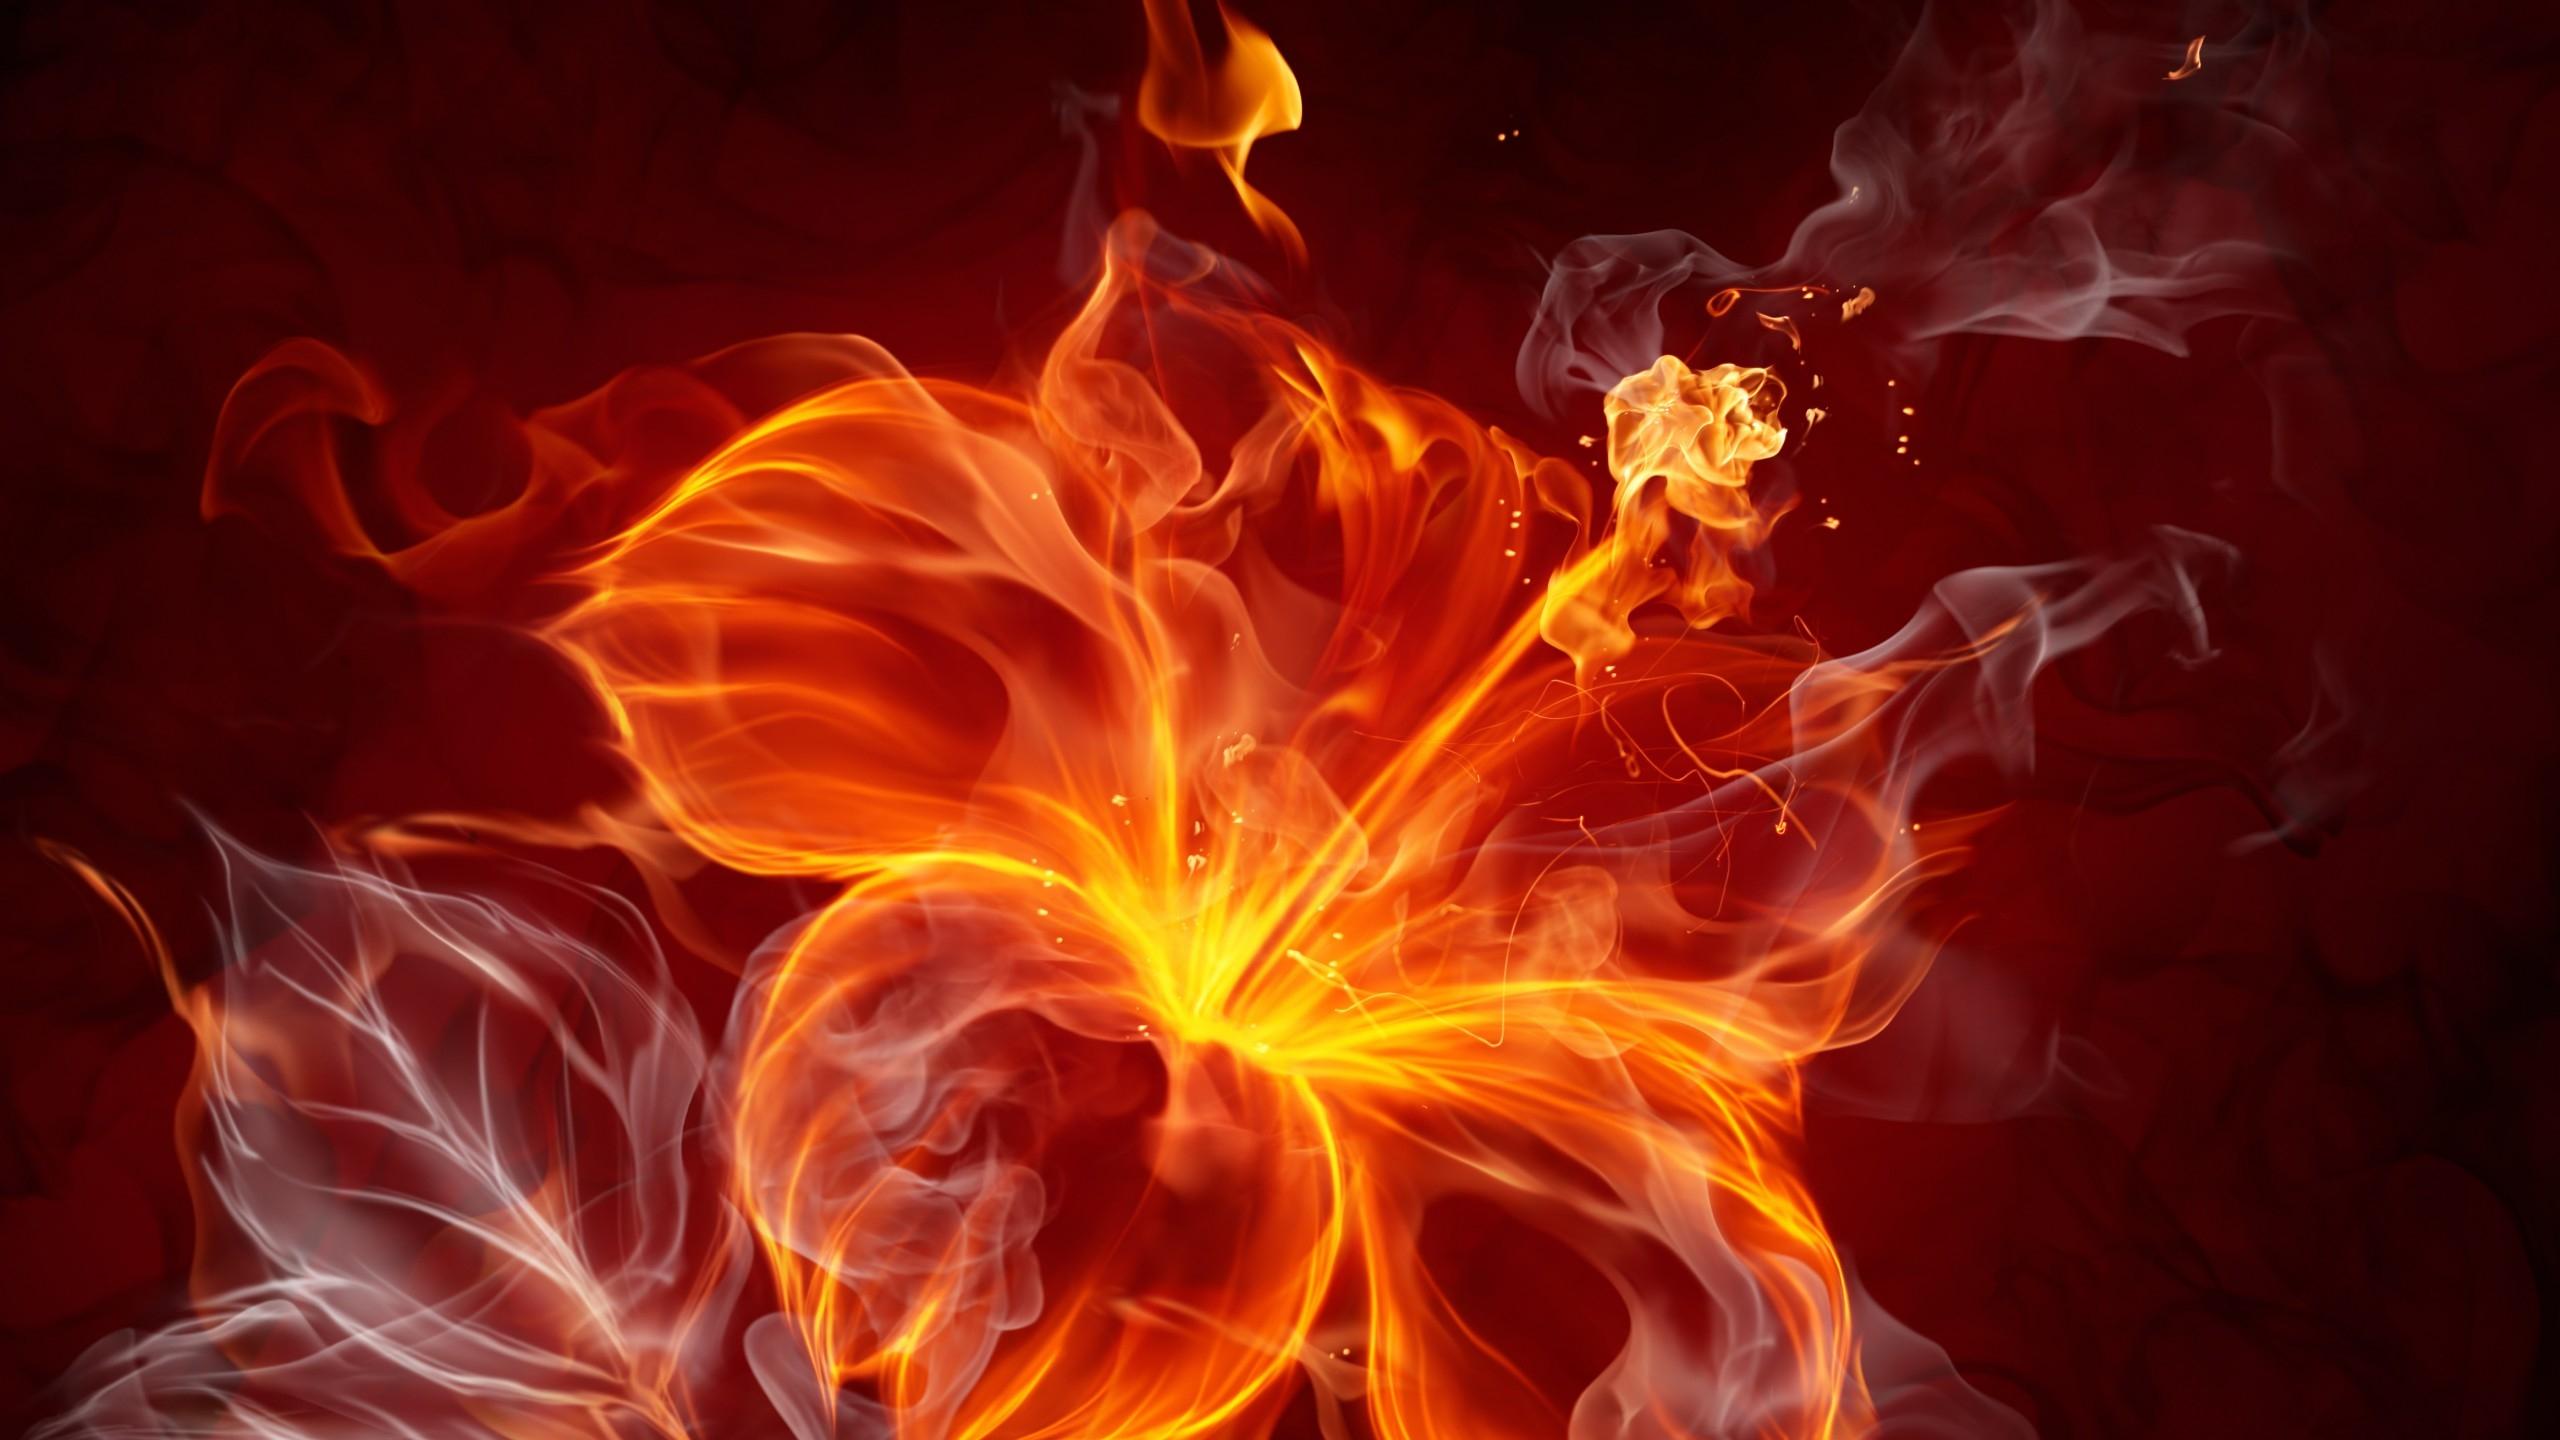 Fire Flower 3D Wallpaper   HQ Wallpapers download 100 high 2560x1440